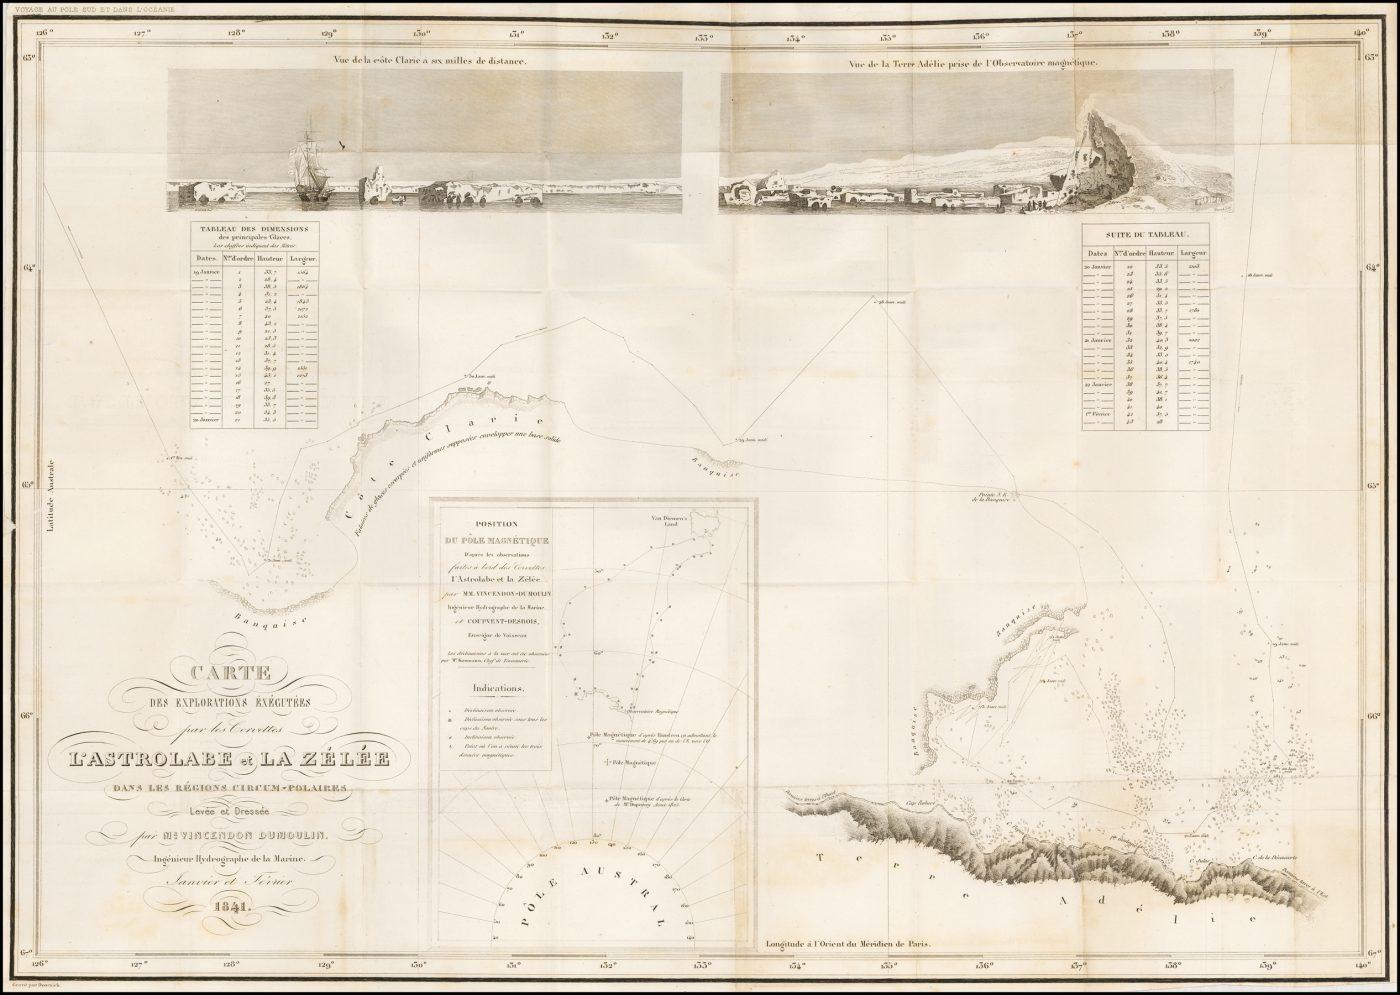 Большая гравированная складная карта антарктического побережья к югу от Земли Ван-Димена